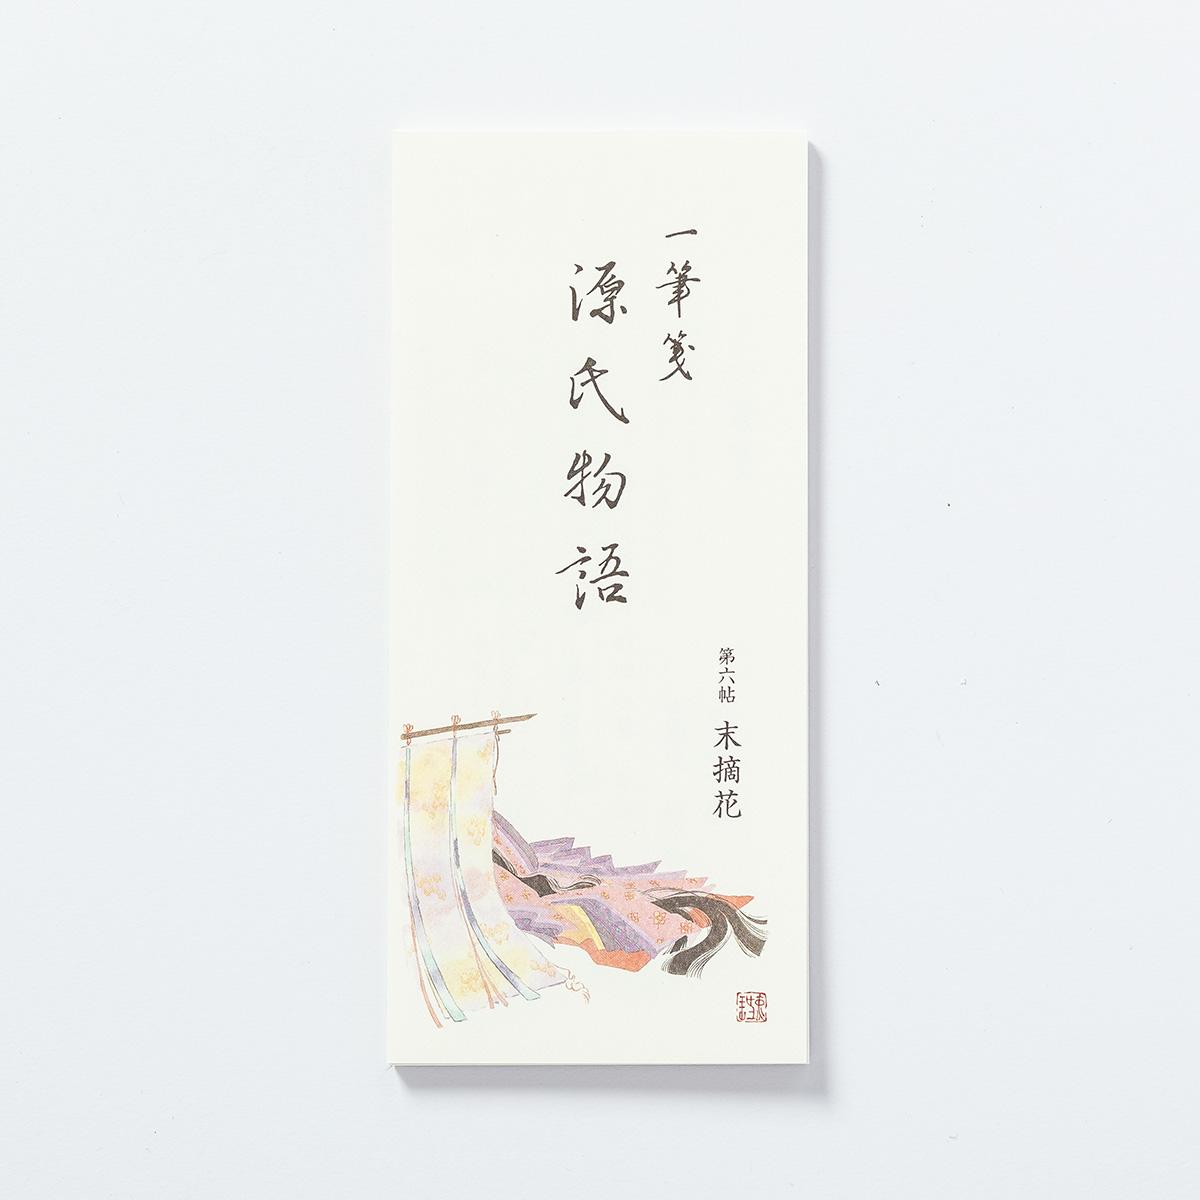 源氏物語一筆箋 第6帖「末摘花」